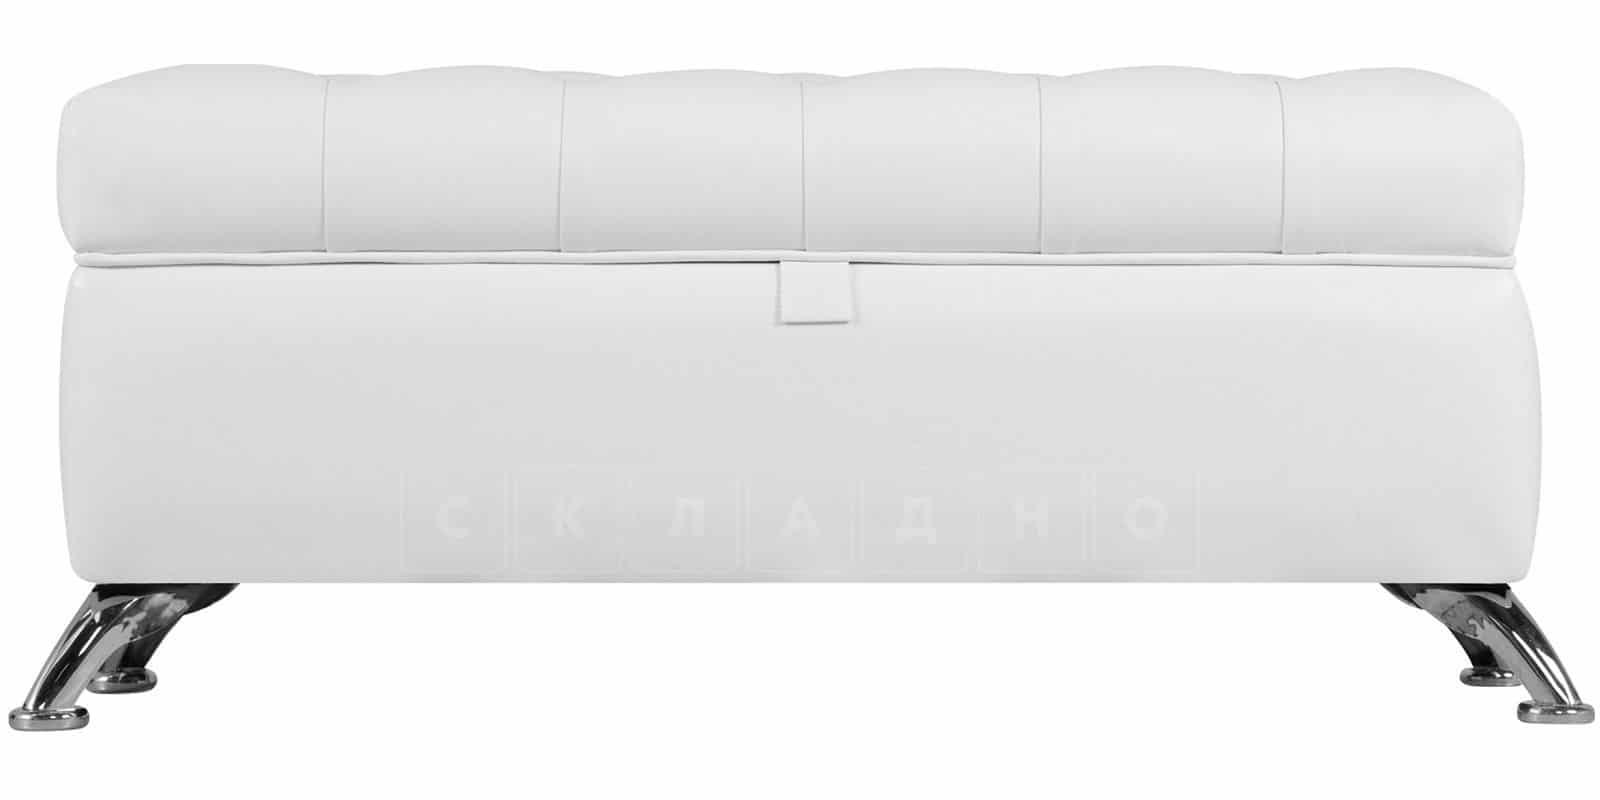 Банкетка Малибу белая фото 2 | интернет-магазин Складно